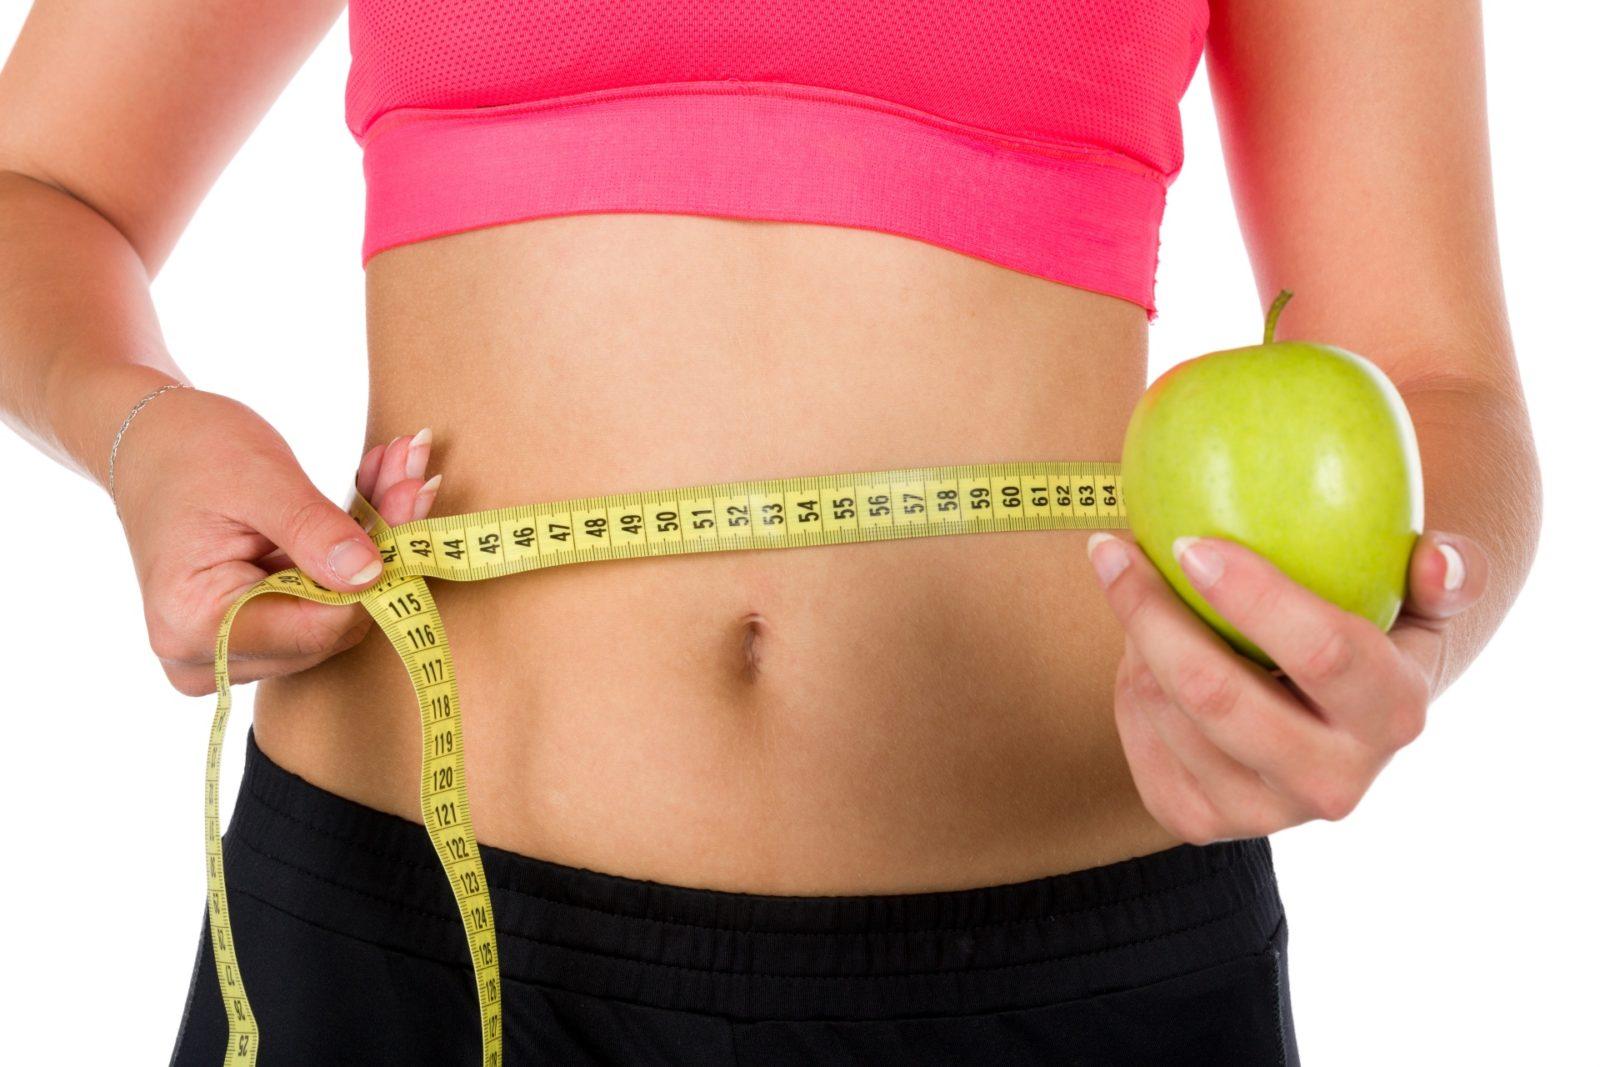 Как убрать жир с живота за неделю самые эффективные упражнения для девушек